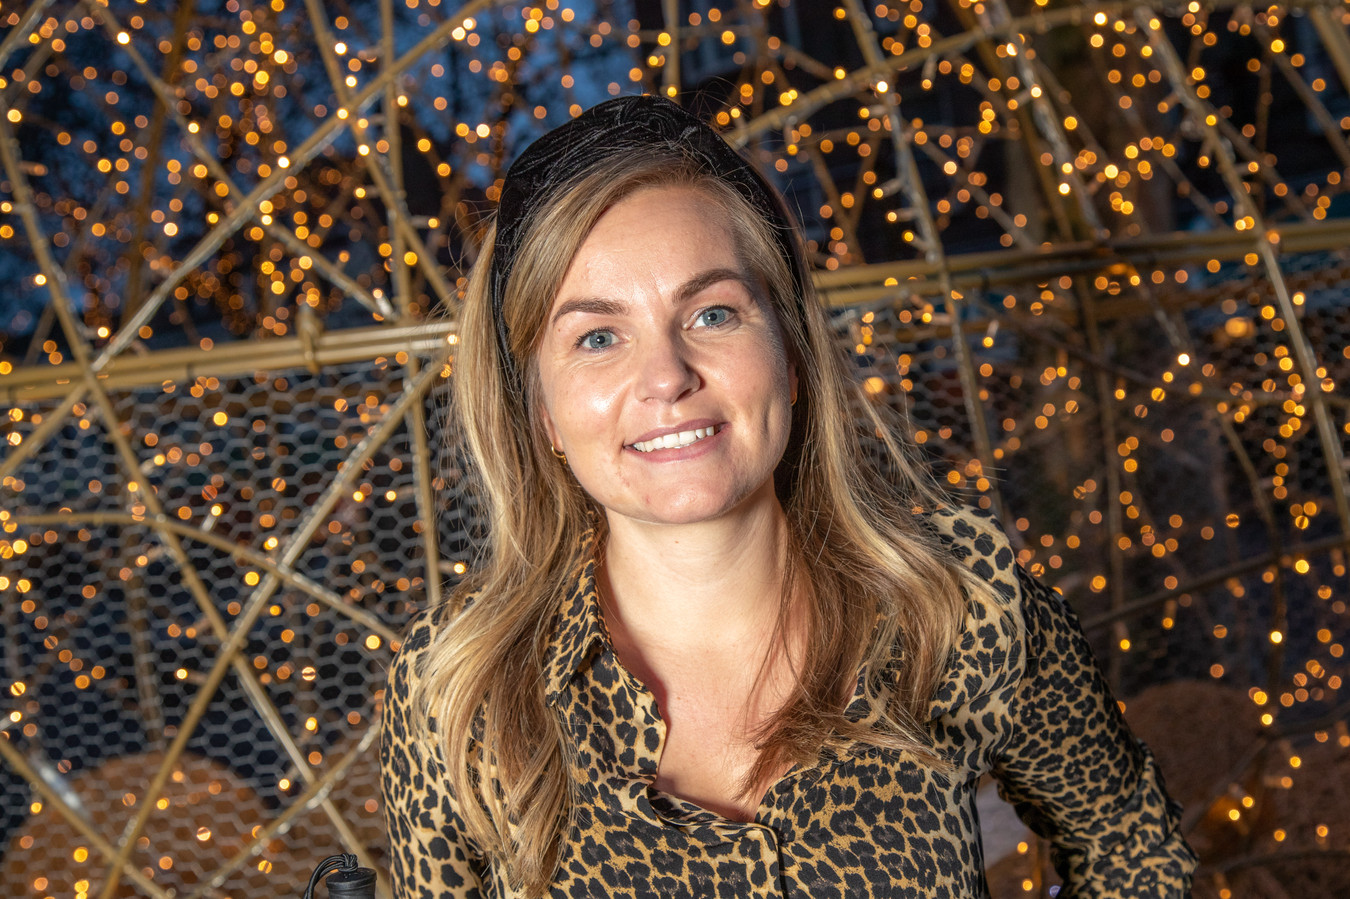 Lotte Driessen uit Zwolle (28) hoorde een jaar geleden dat ze doof en blind zal worden. Maar ze wil niet bij de pakken neerzitten.